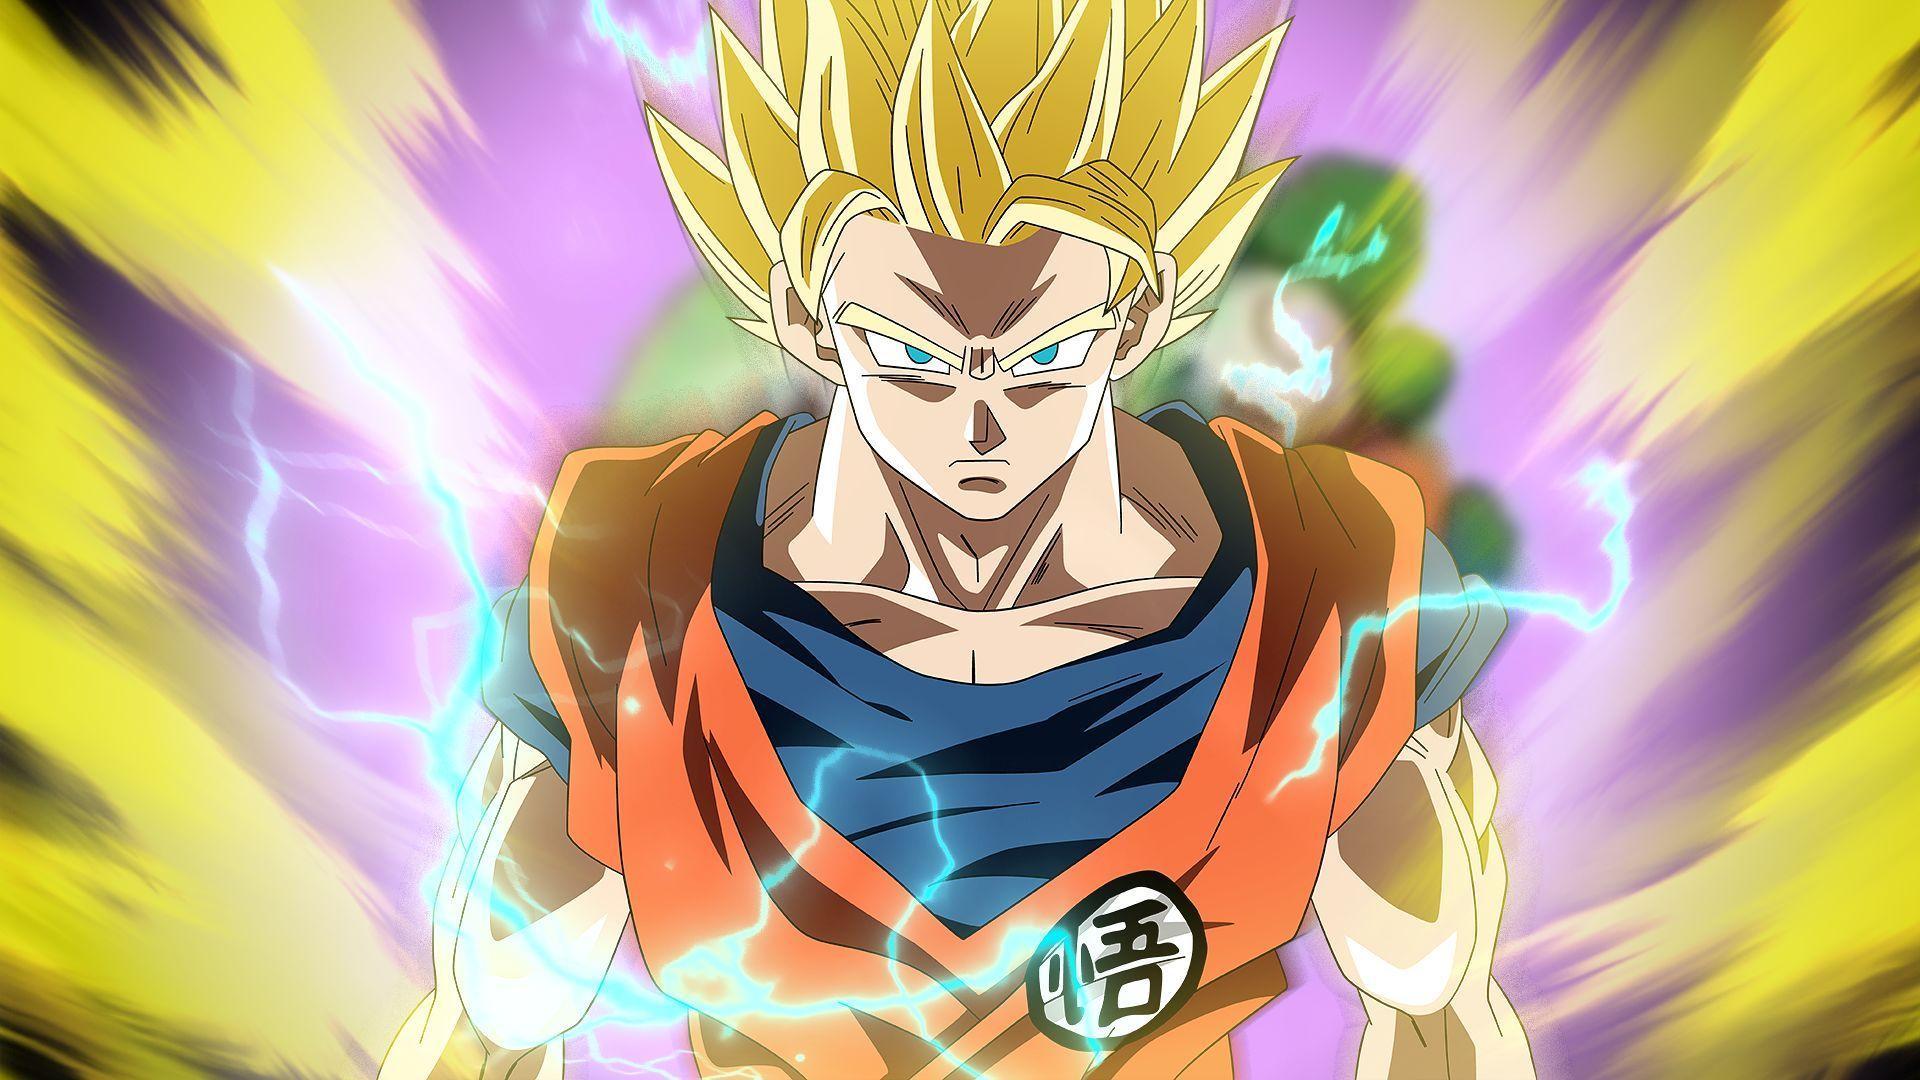 Goku Ssj Wallpapers Top Free Goku Ssj Backgrounds